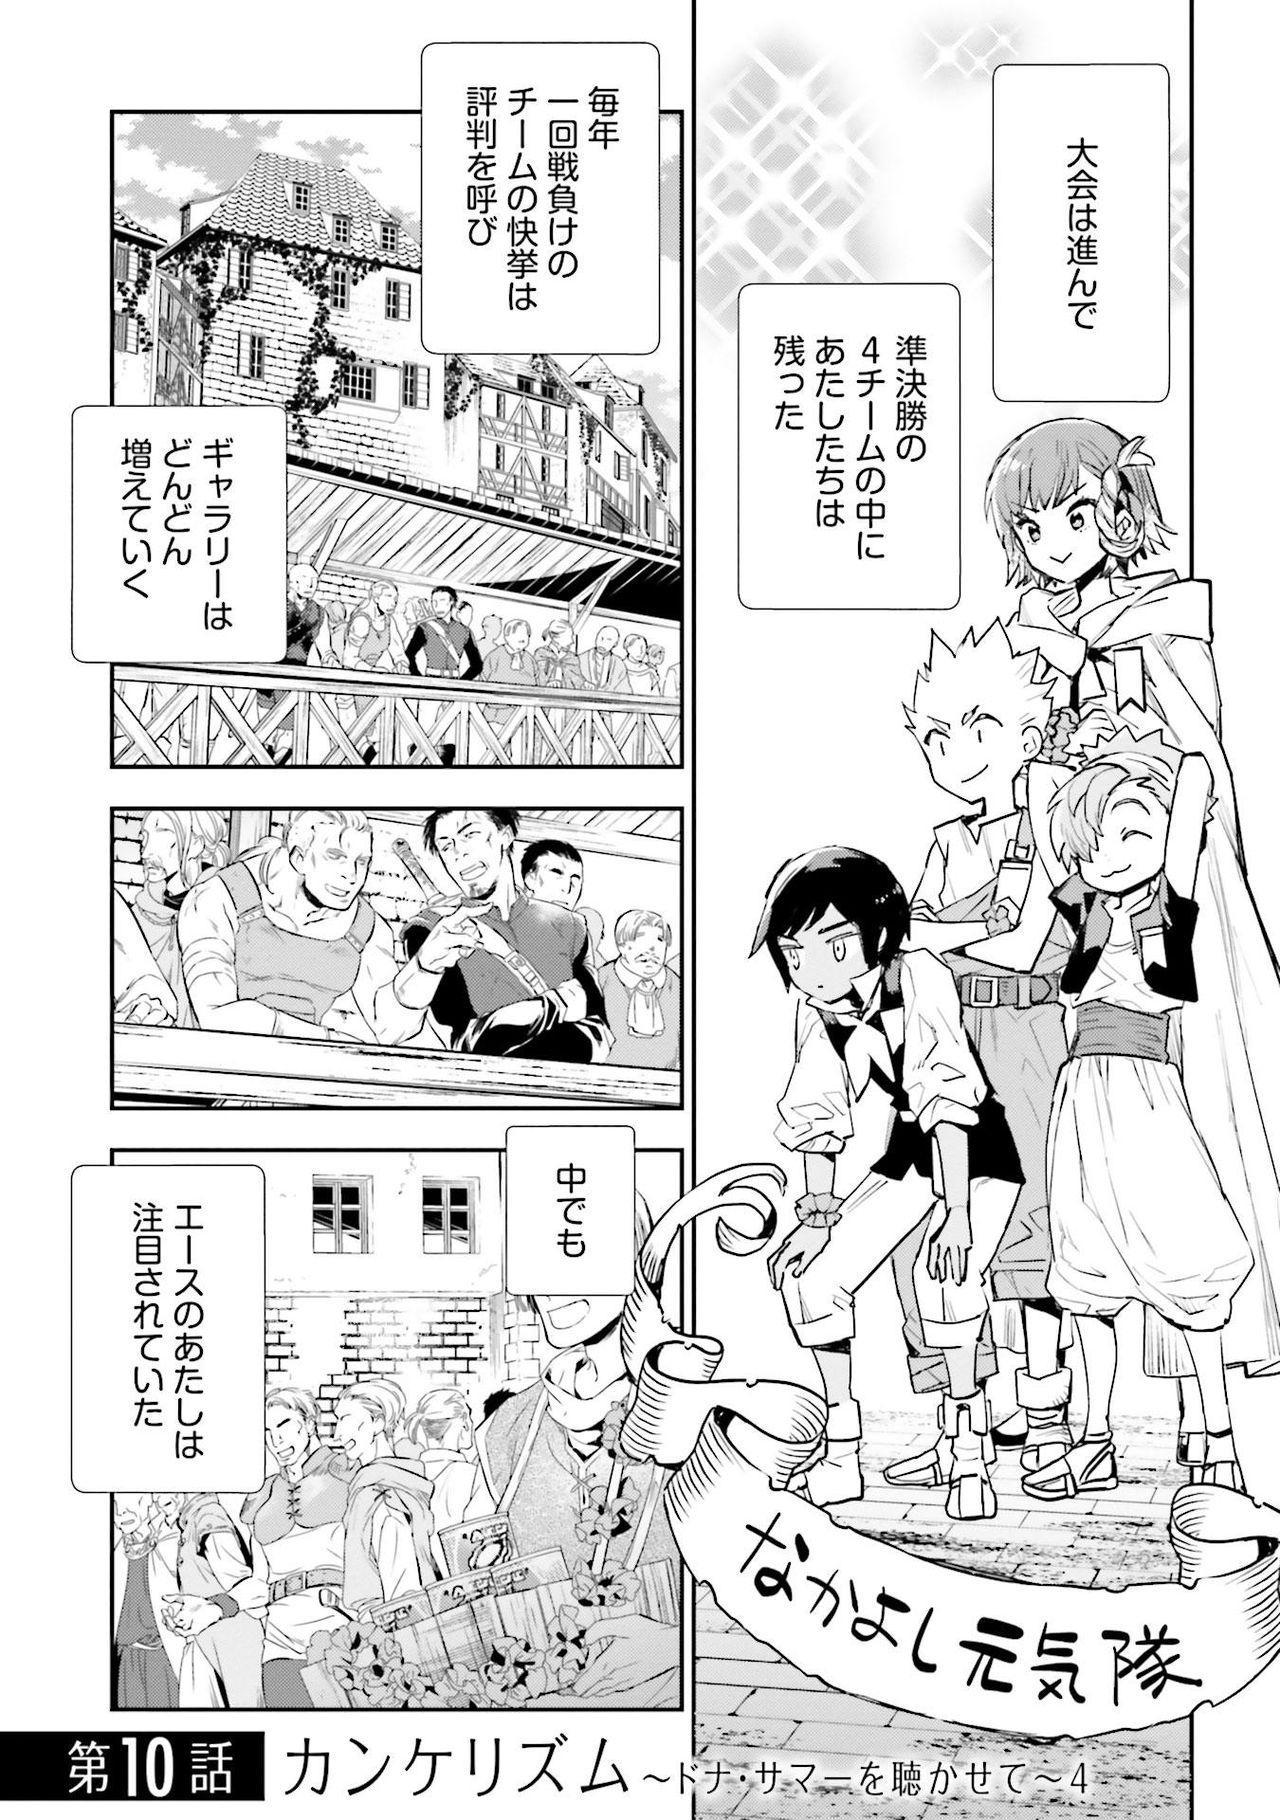 JK Haru wa Isekai de Shoufu ni Natta 1-14 396